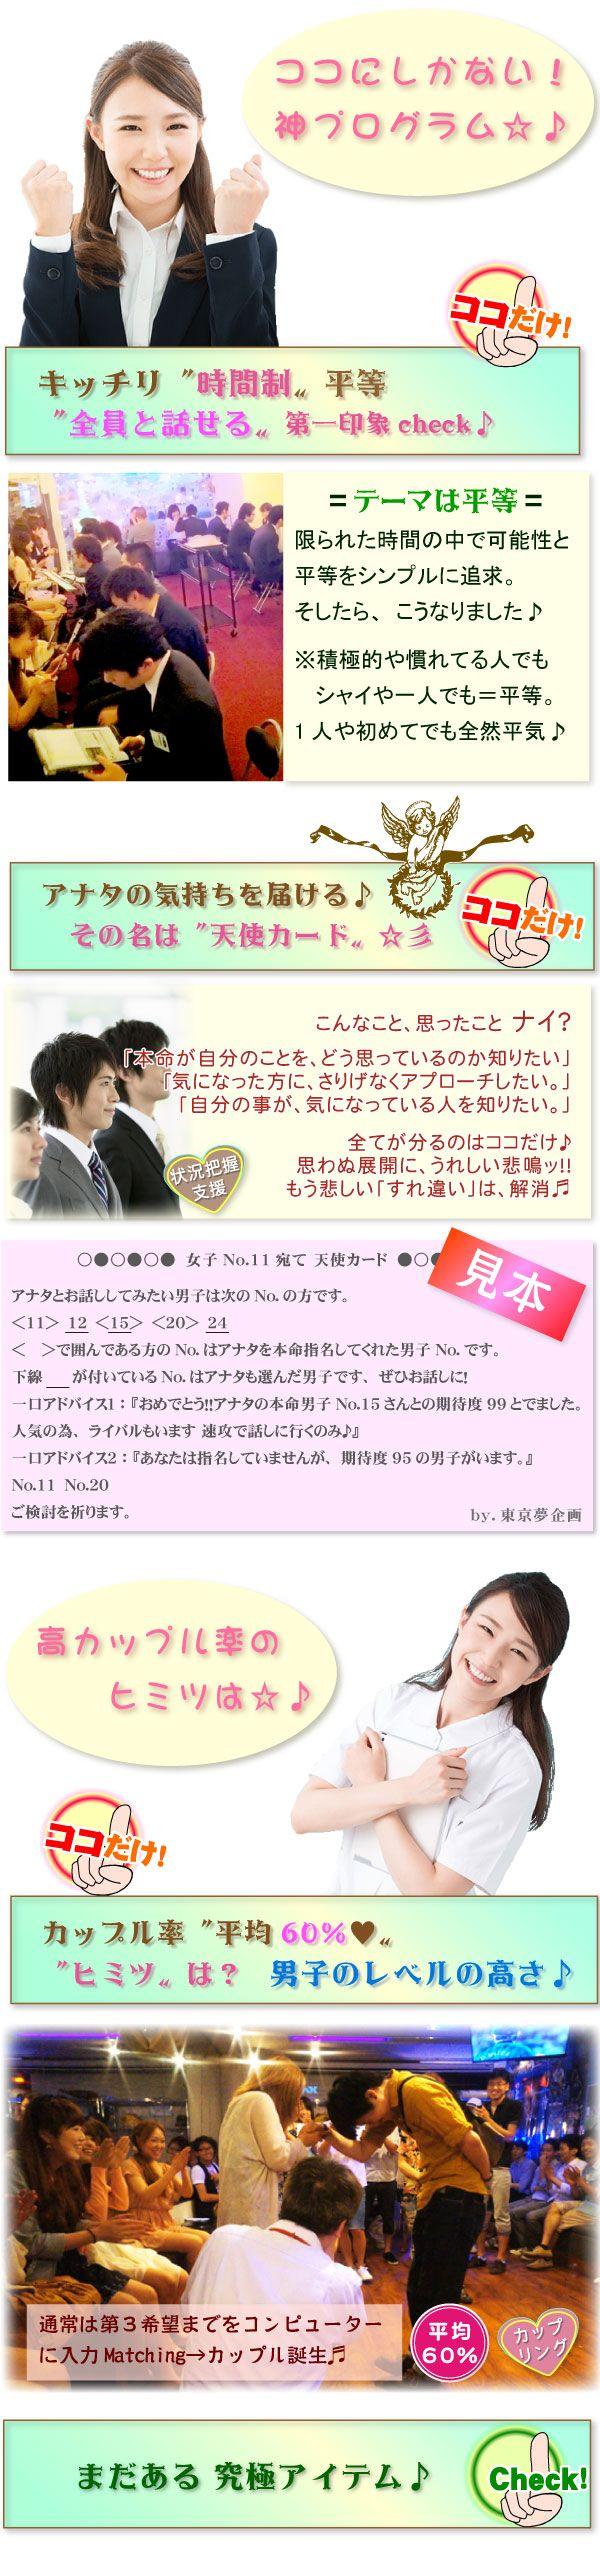 婚活 ソフト 銀座本文_プロ01